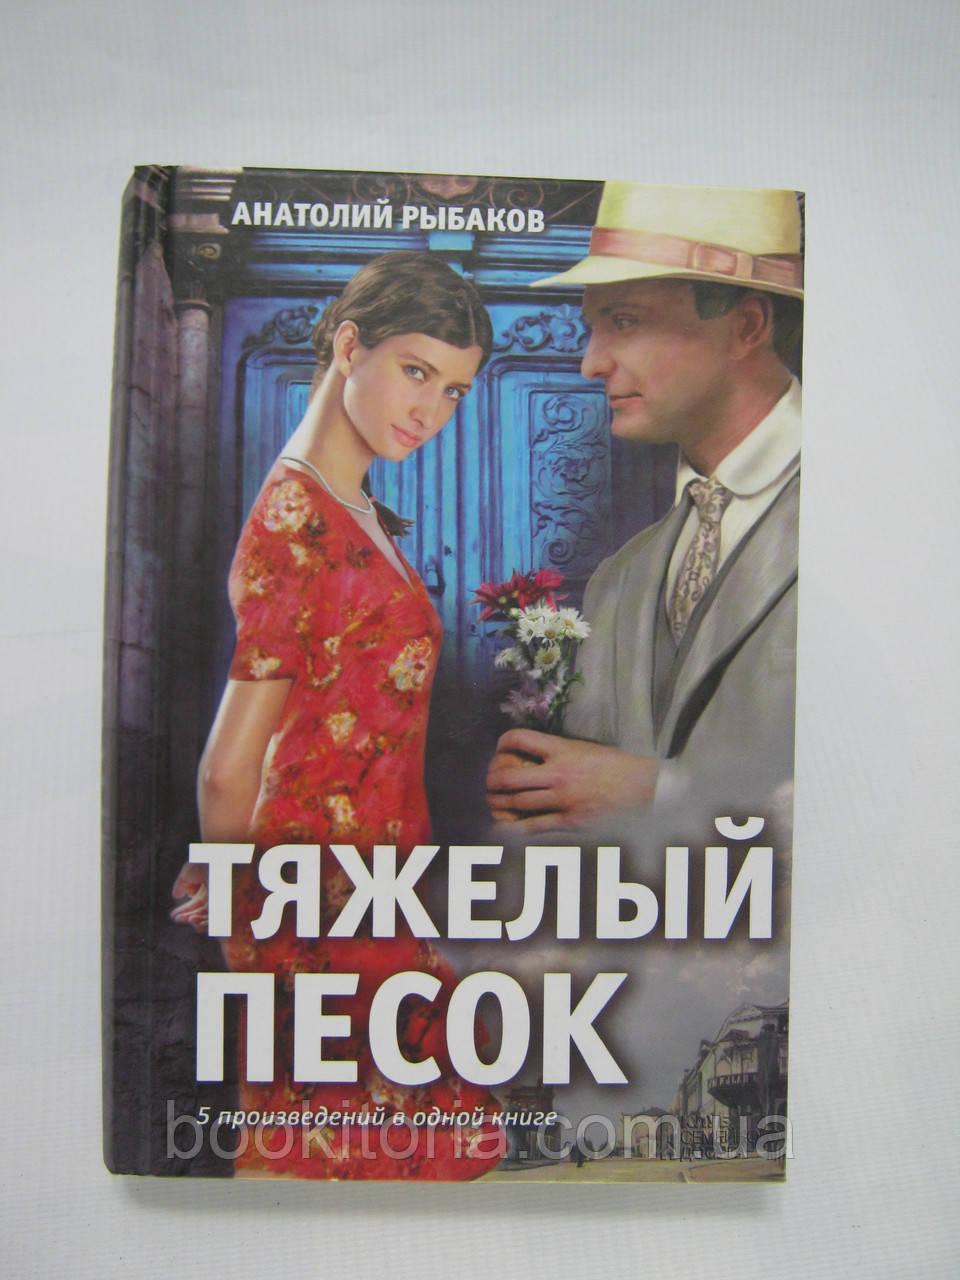 Рыбаков А. Тяжелый песок (б/у).